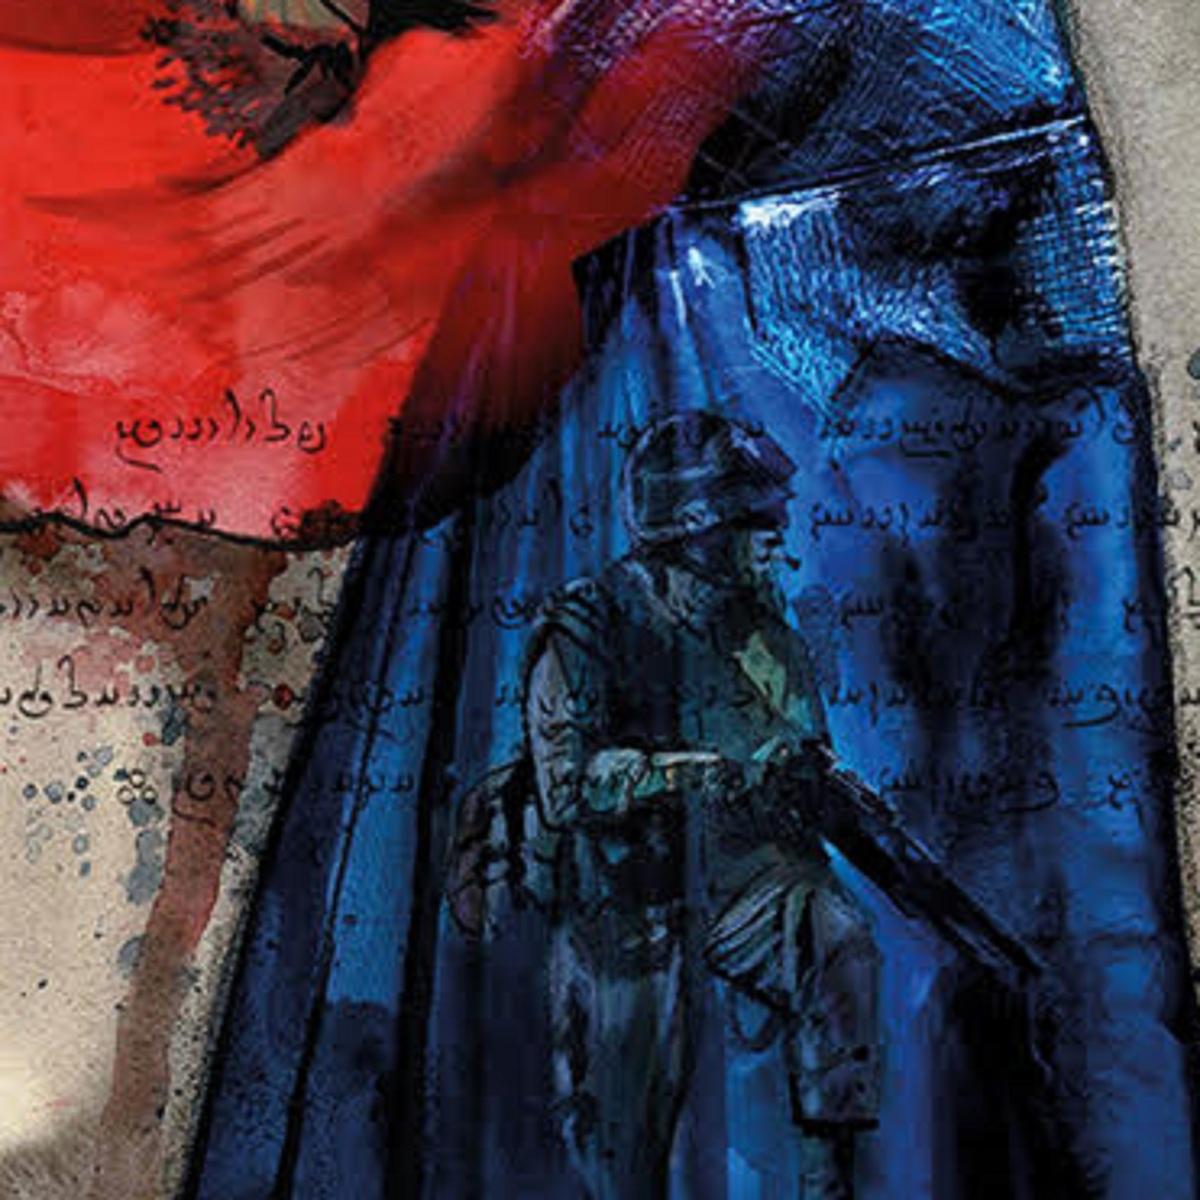 Coquelicot sur un rocher : entre l'amour et la haine - Marie-Soleil Ouellette